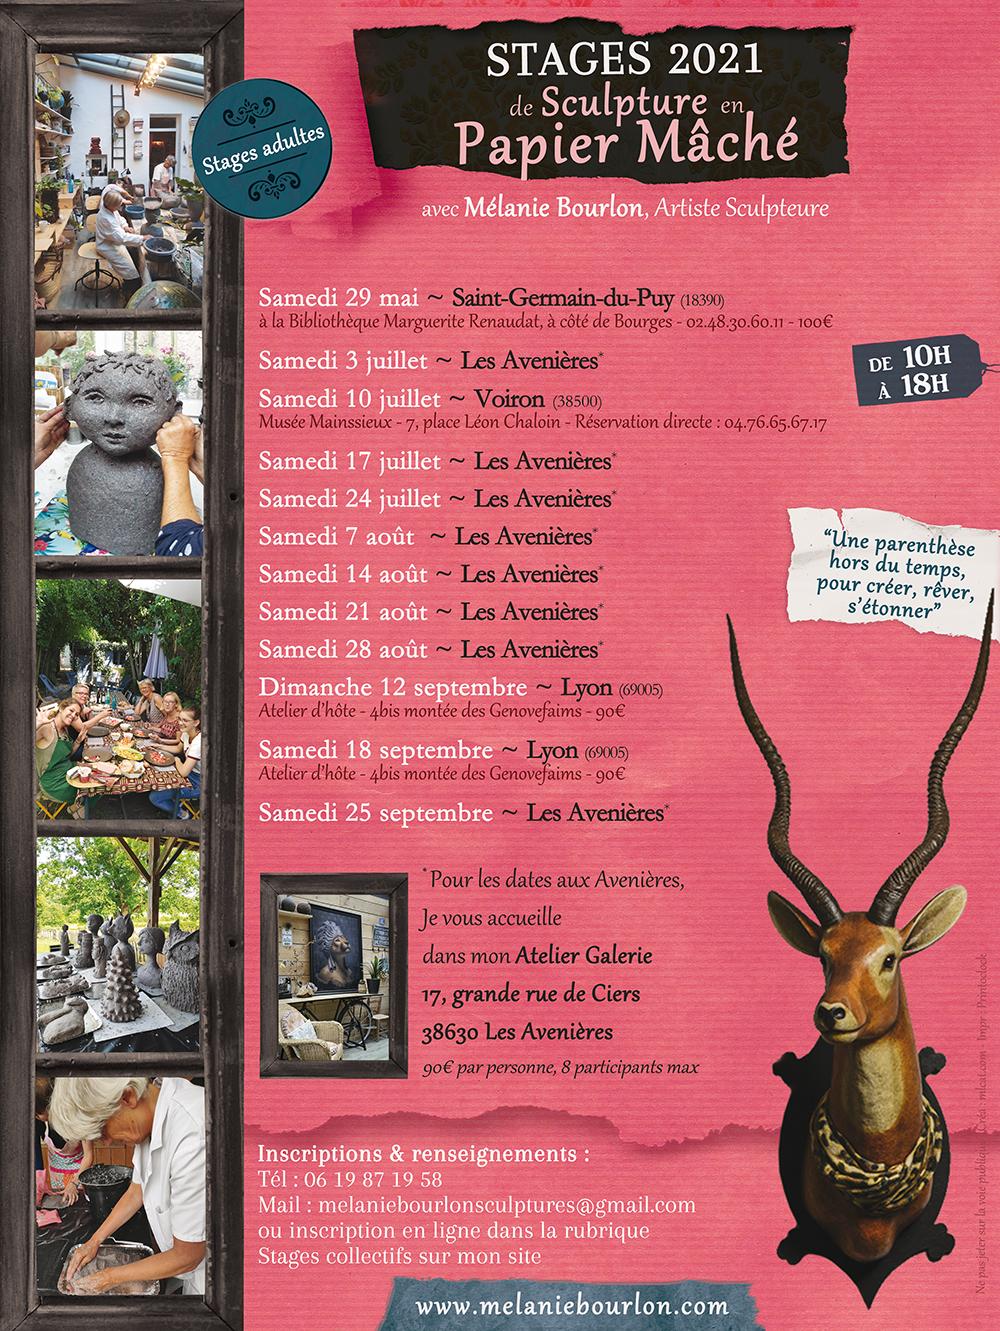 Stages de sculpture en Papier Mâché par Mélanie Bourlon - Dates 2021